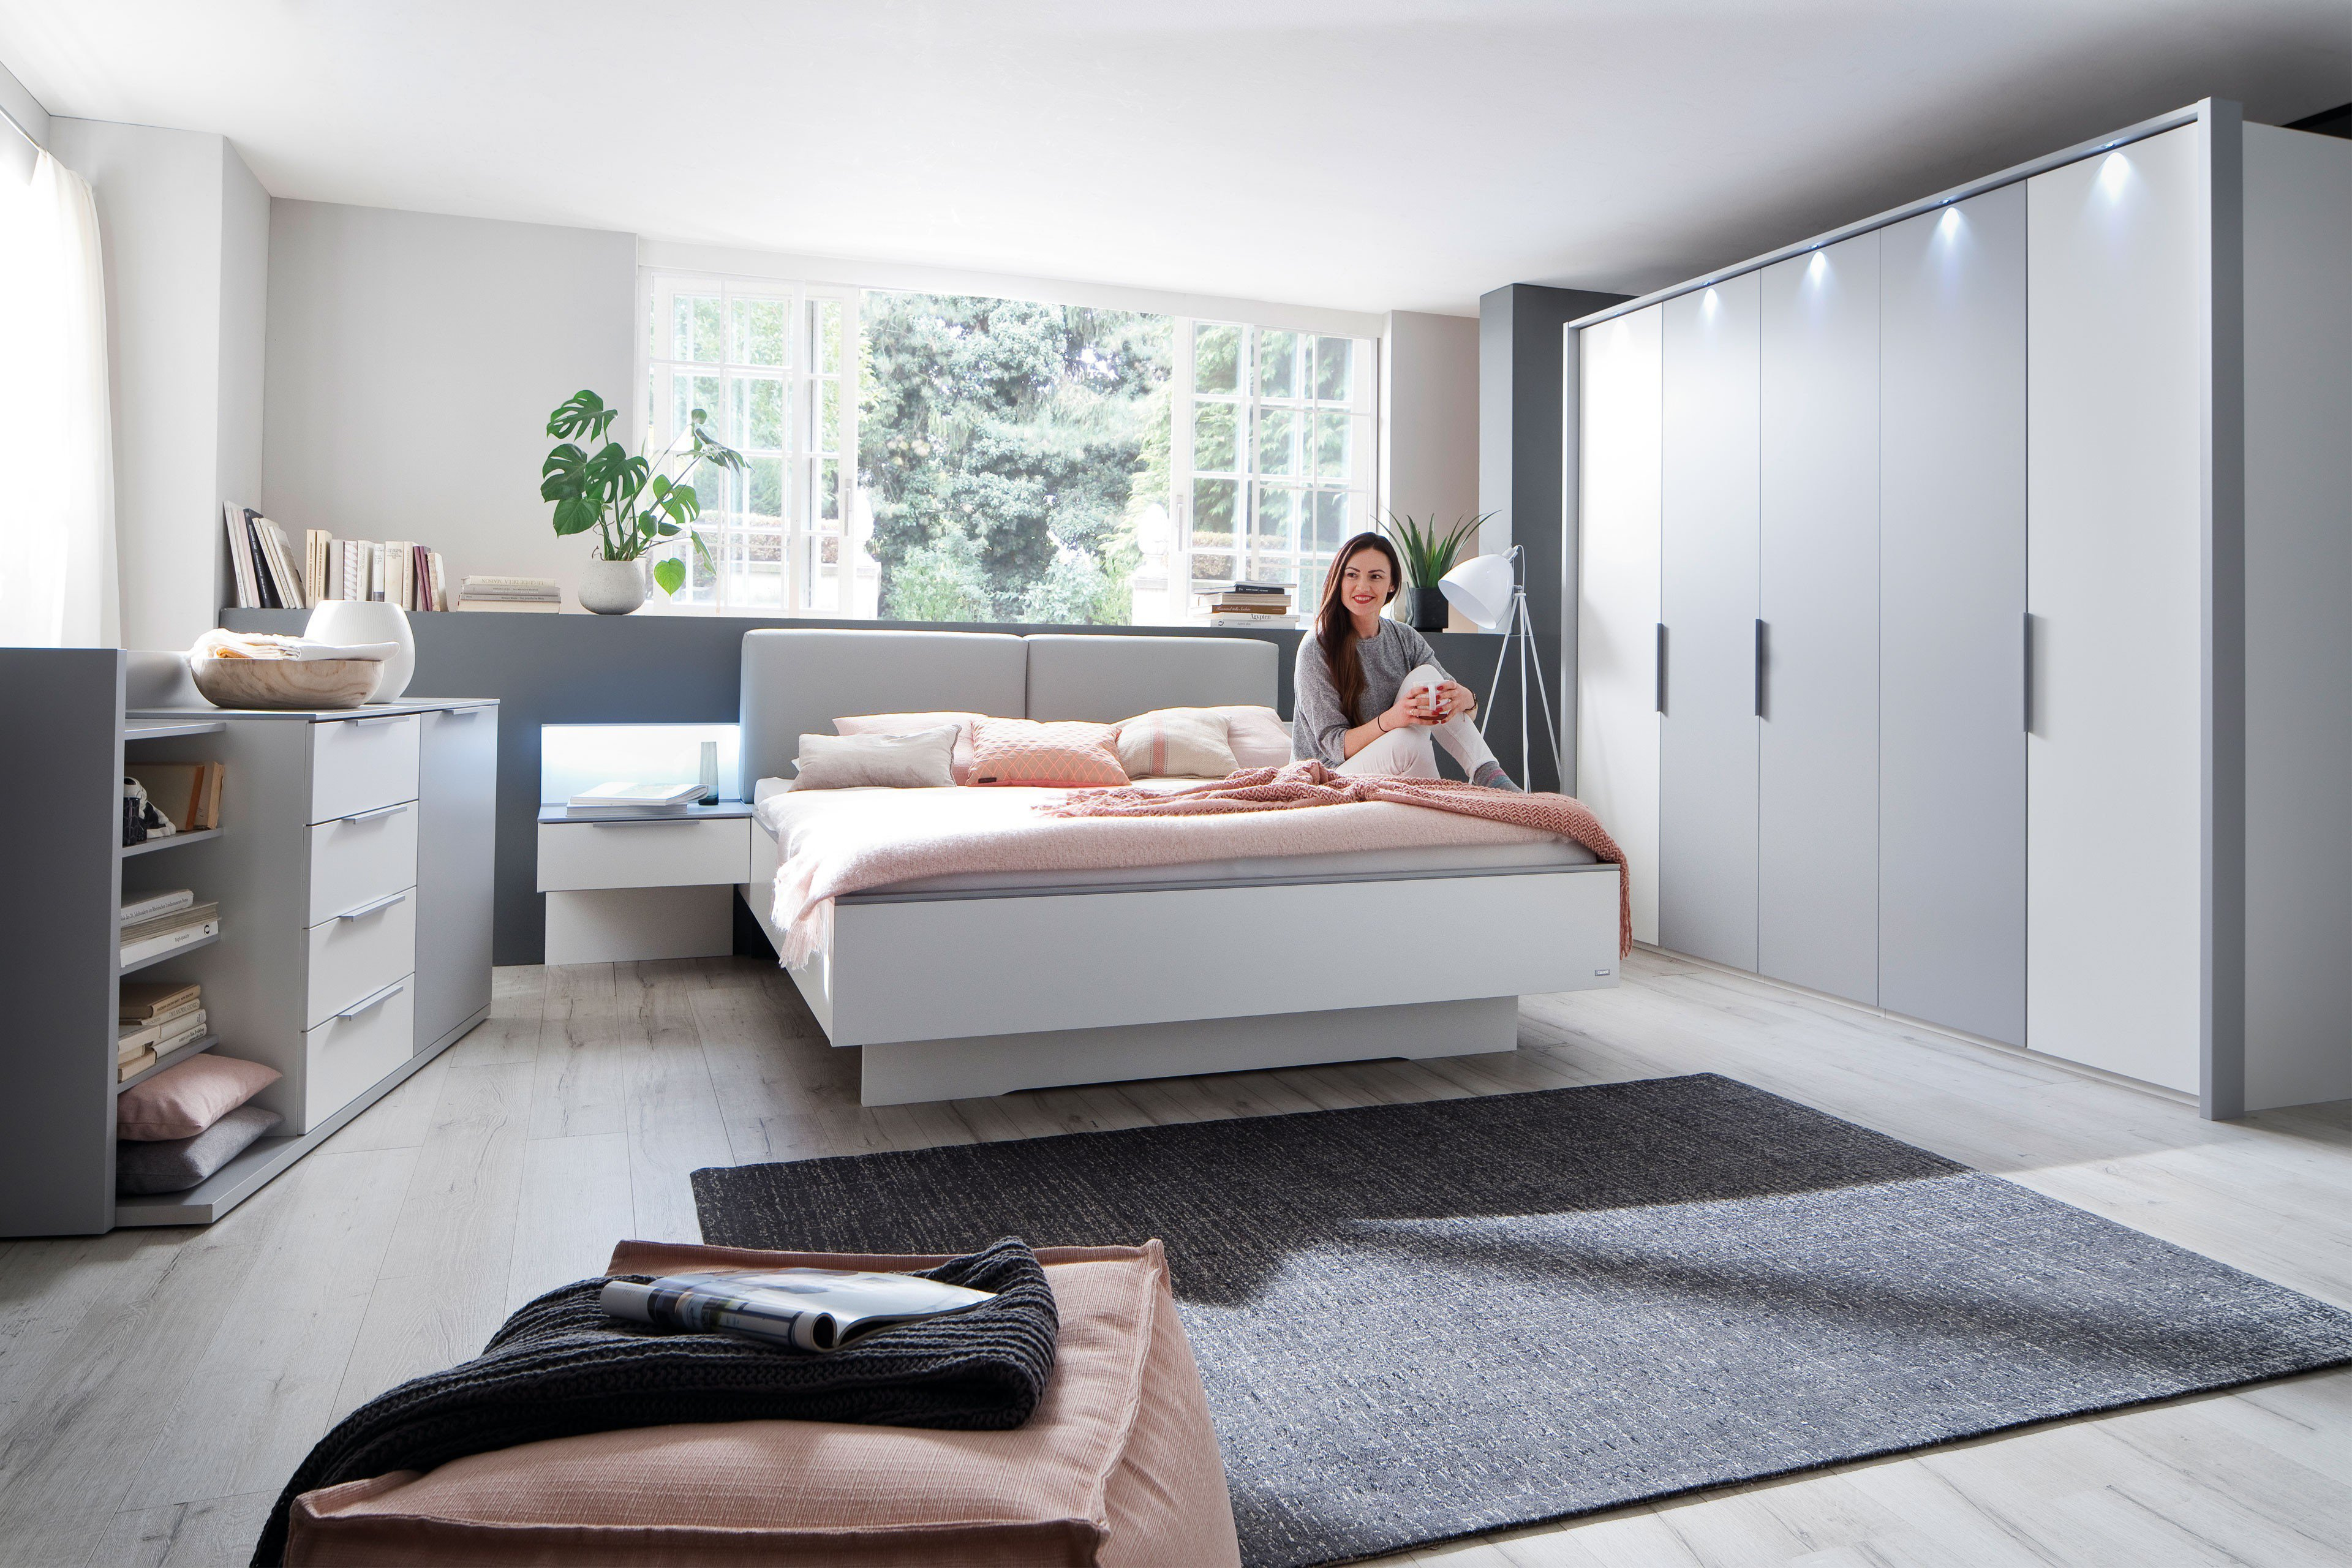 colina casada schlafzimmer set 4 teilig wei grau. Black Bedroom Furniture Sets. Home Design Ideas